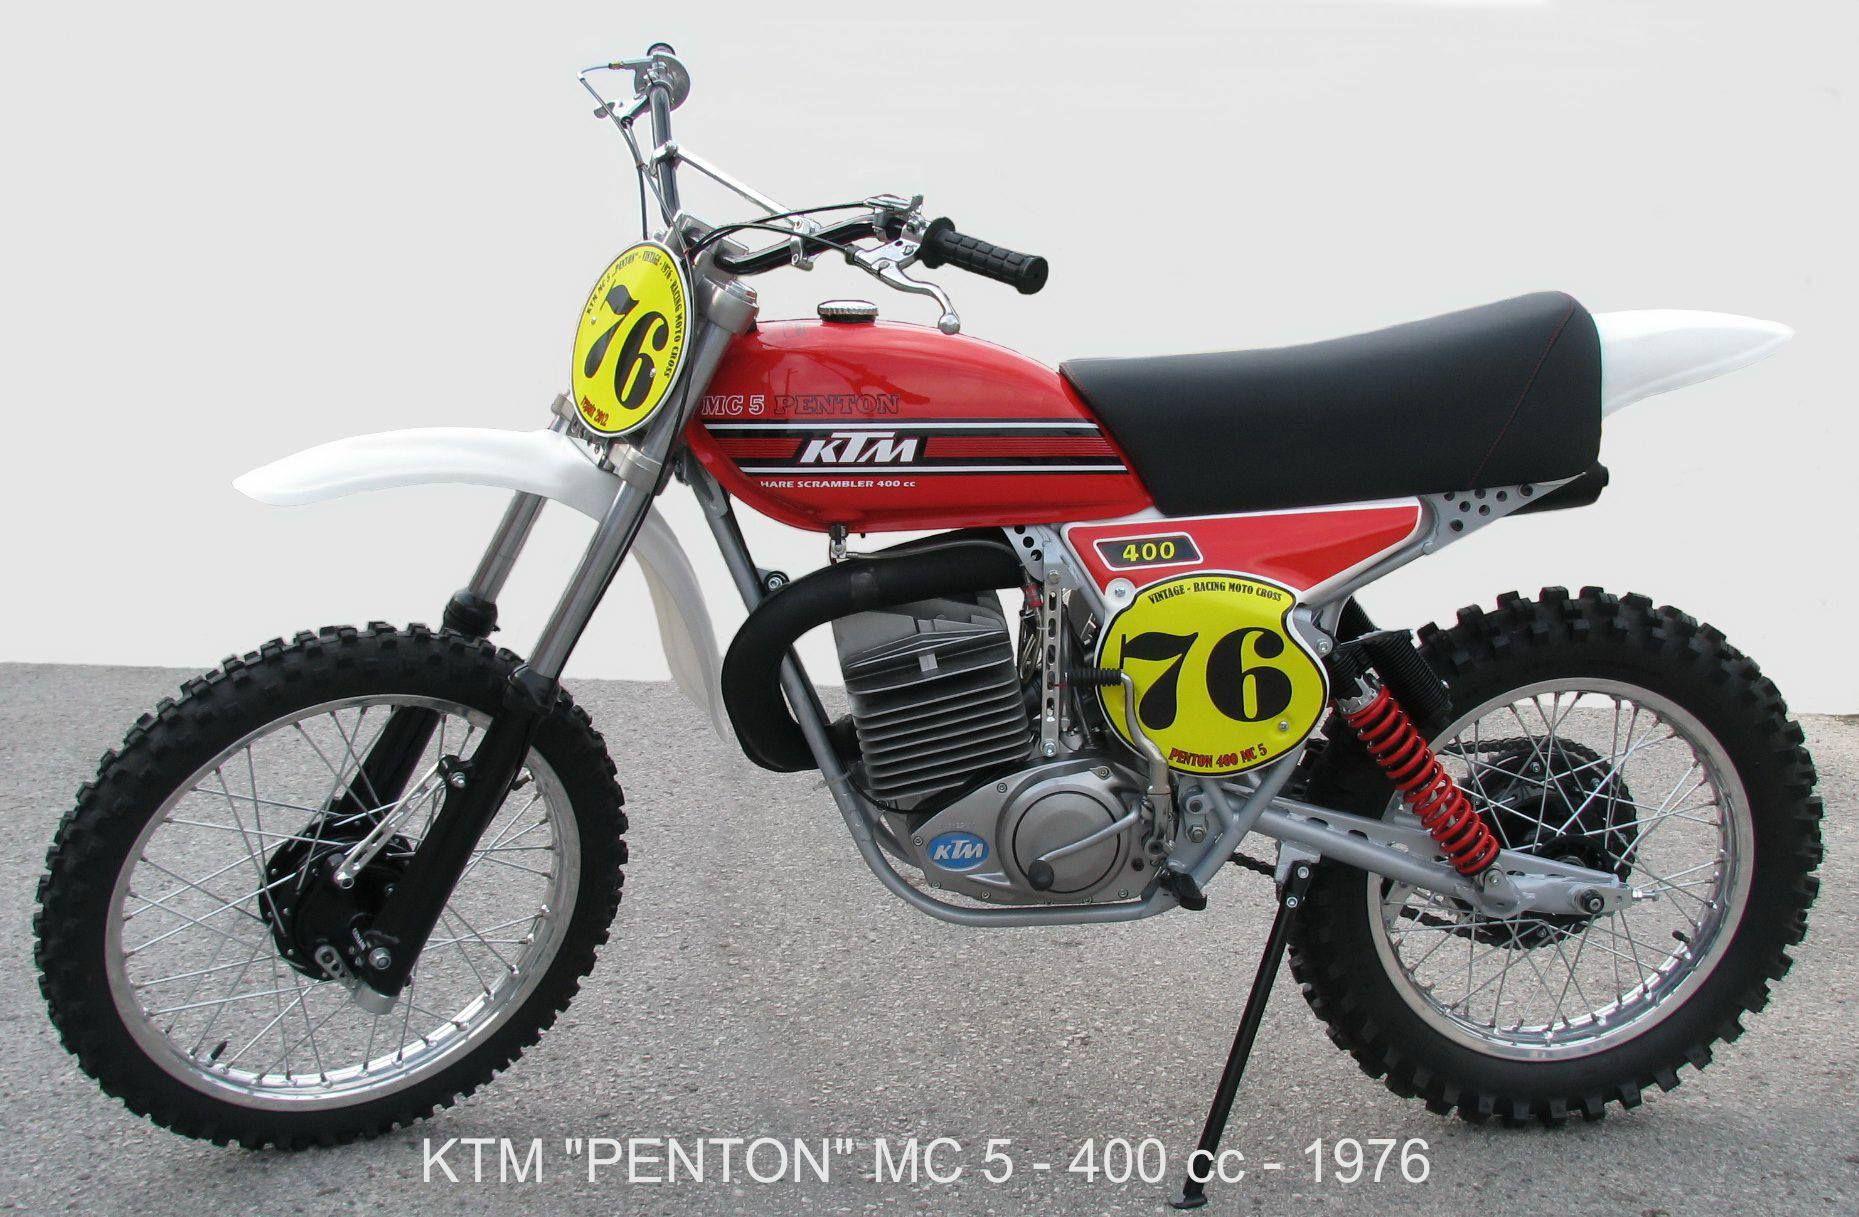 Ktm Mc5 400 1976 Ktm Dirtbikes Bike